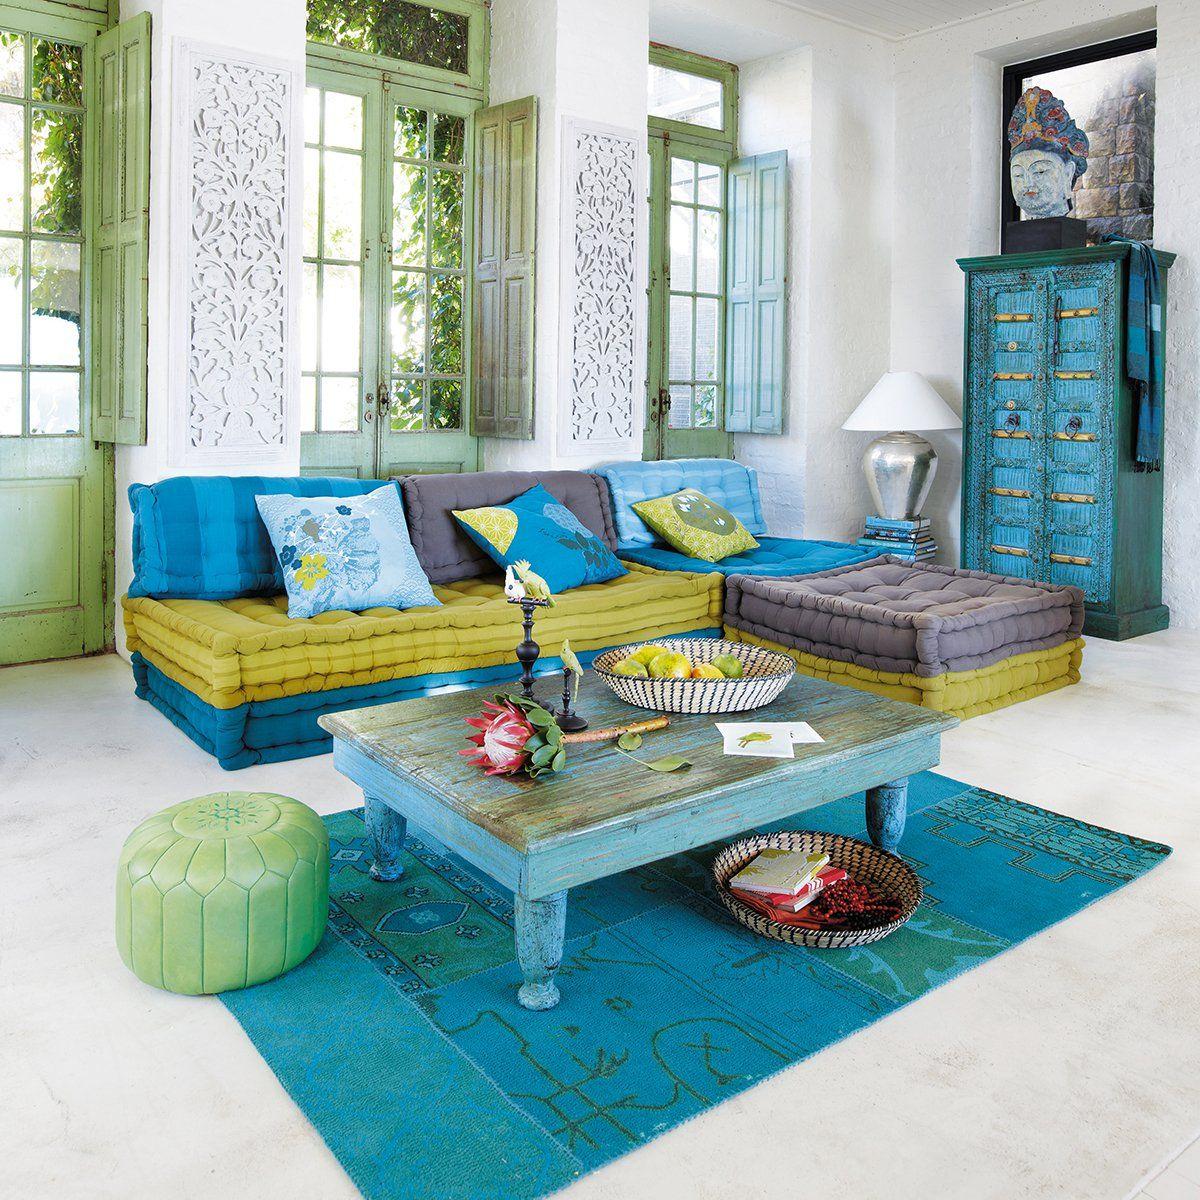 banquette d'angle modulable 6 places en coton bleue et verte | wohnen